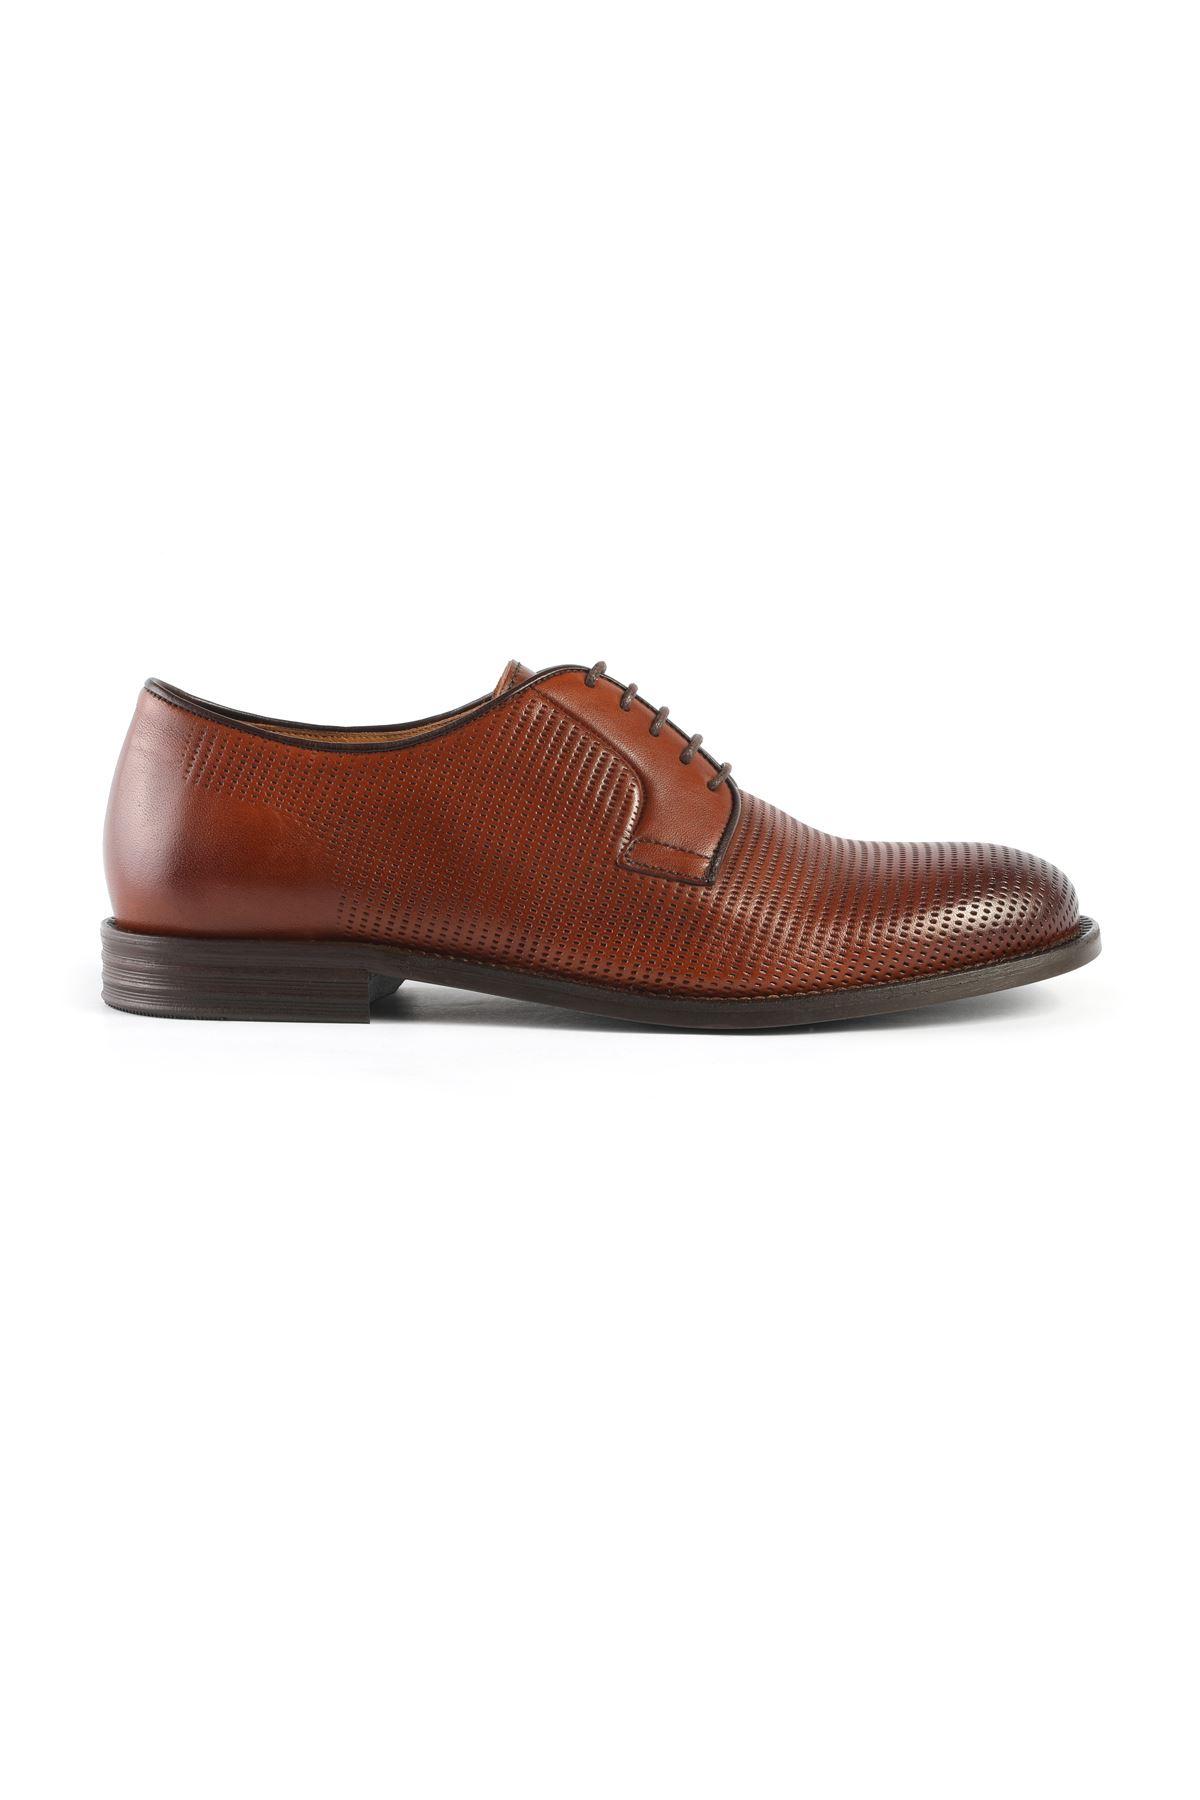 Libero L3210 Tan Classic Shoes